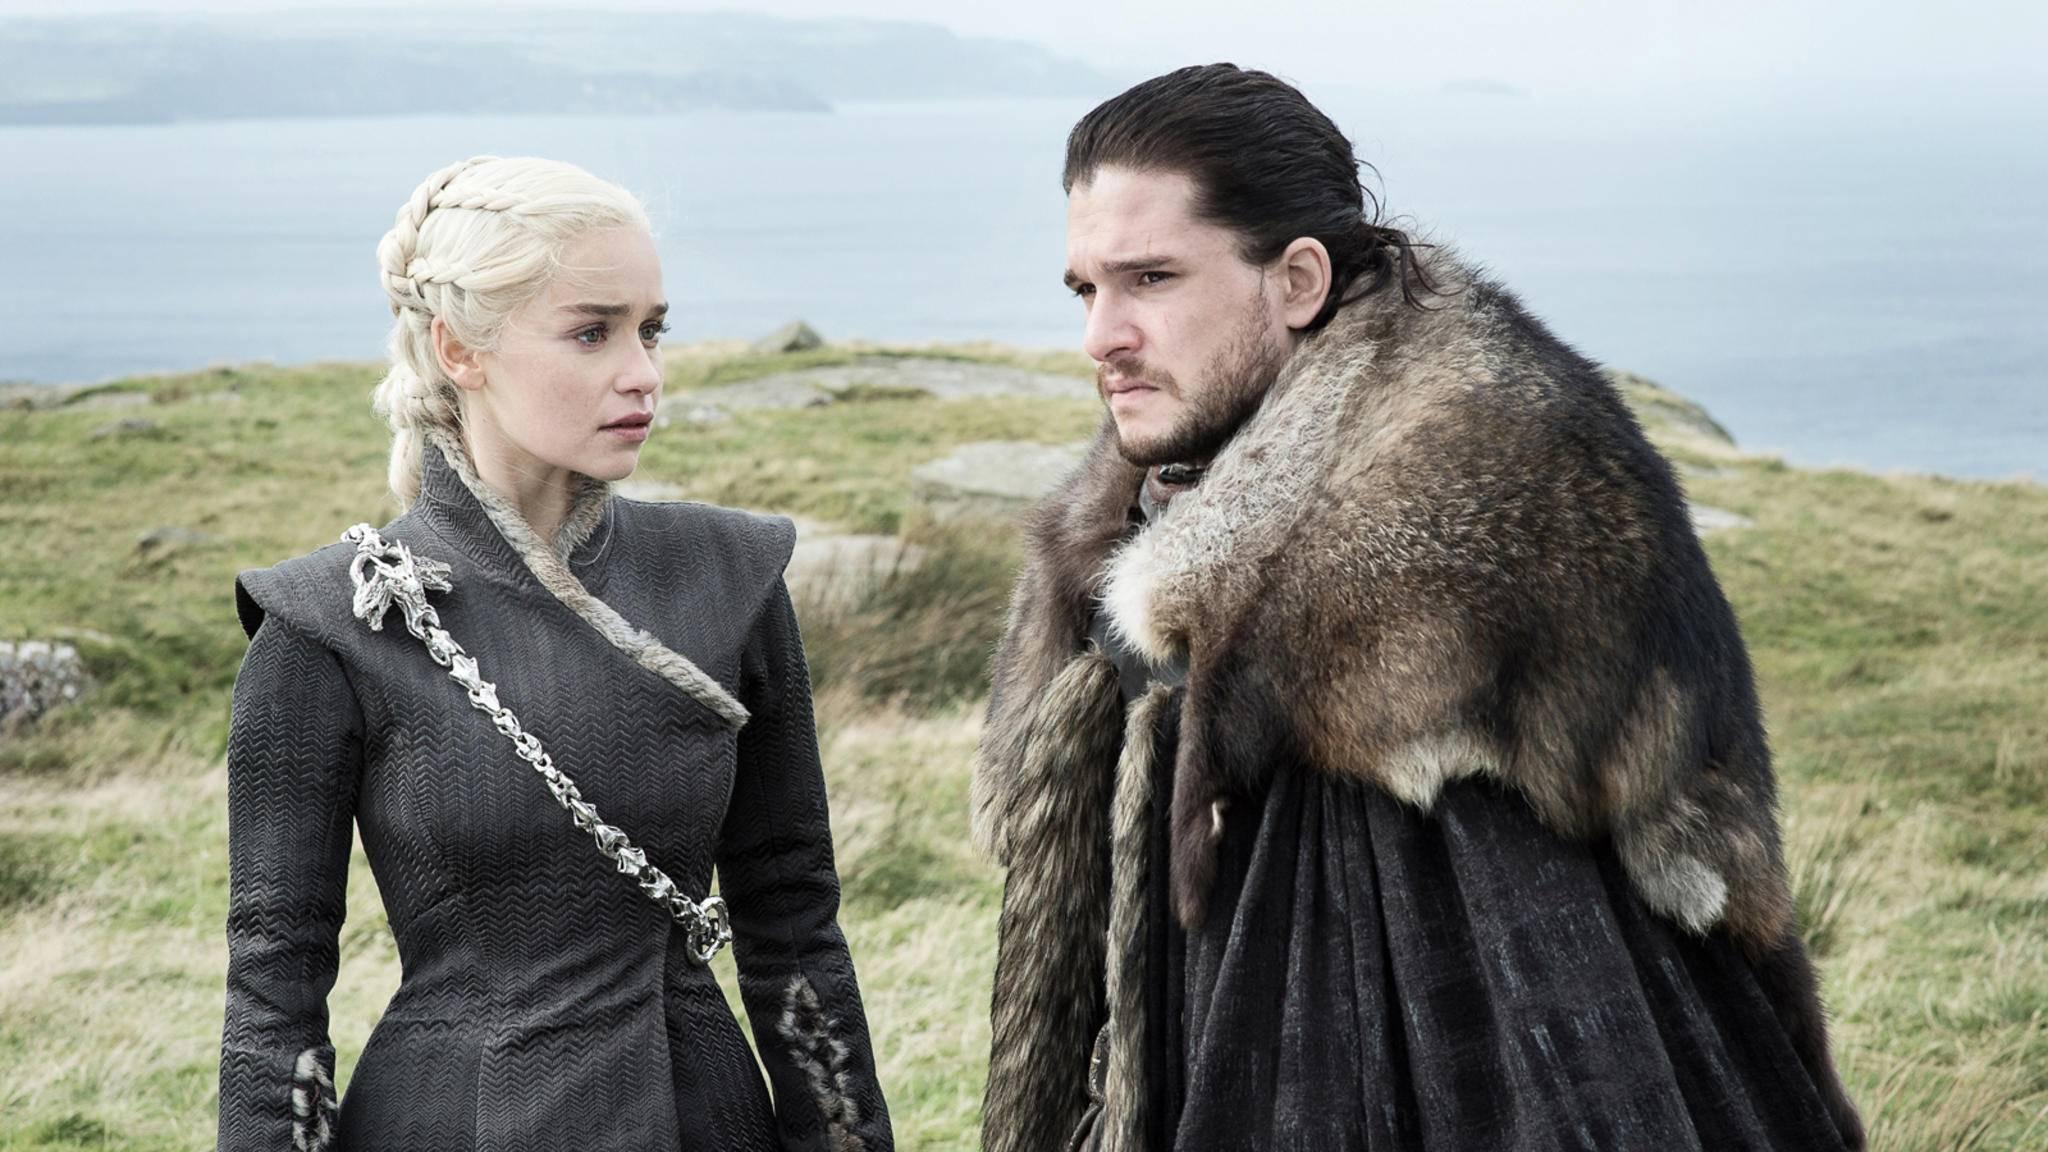 """Jon Schnee und Daenerys Targaryen kehren früher mit Staffel 8 von """"Game of Thrones"""" zurück, als gedacht."""